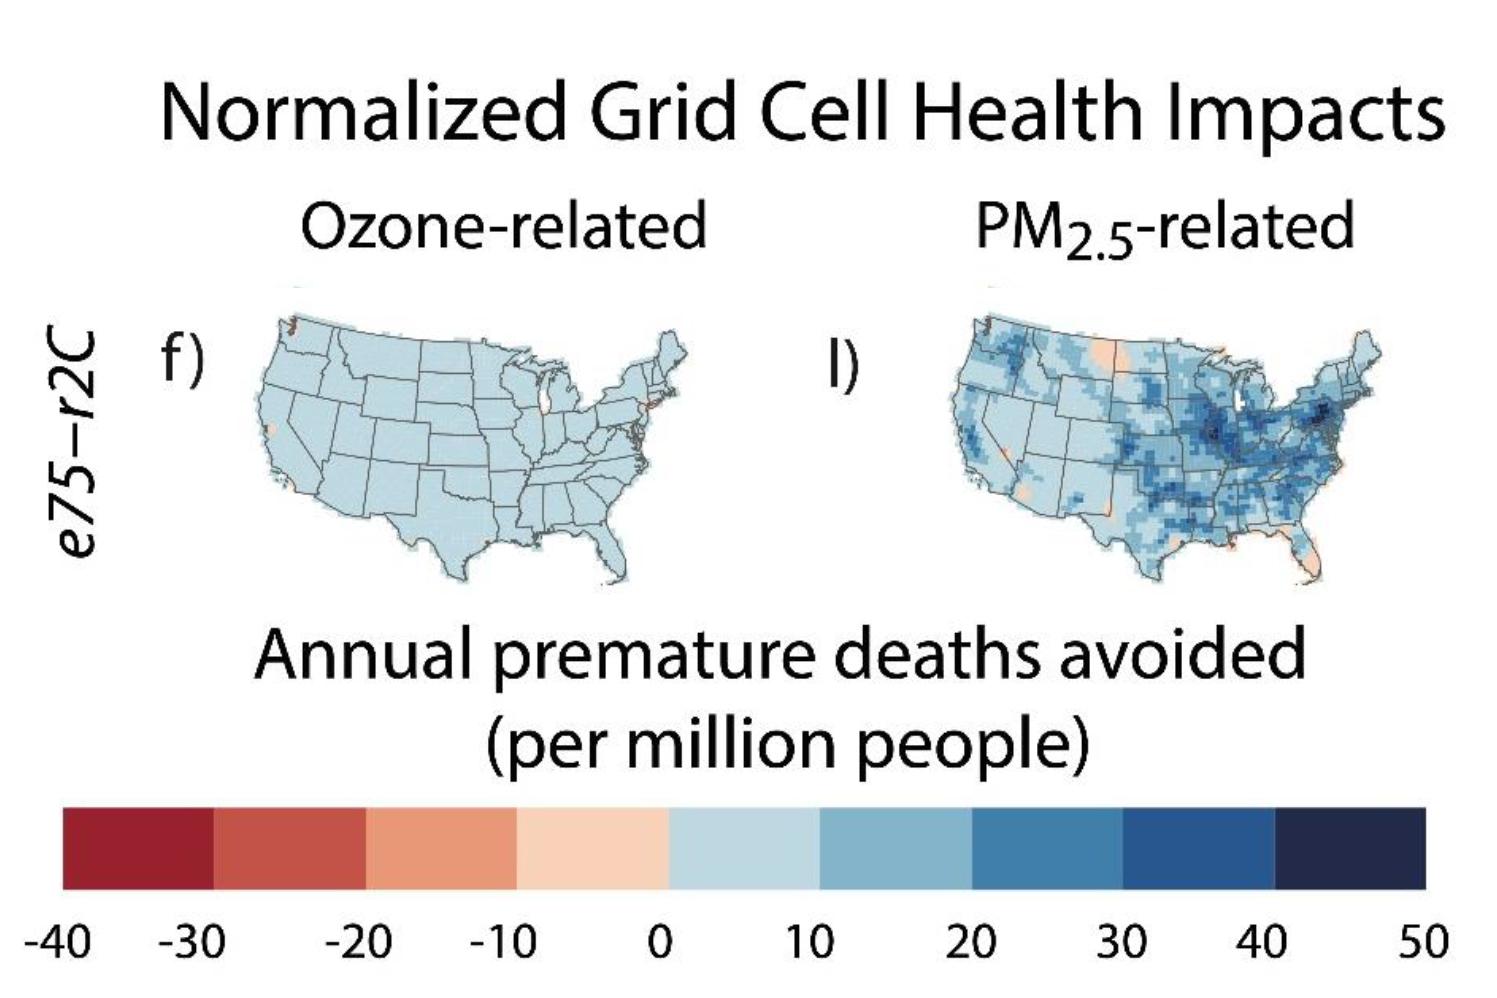 Gesundheitsauswirkungen durch Einführung von Elektromobilität in den USA